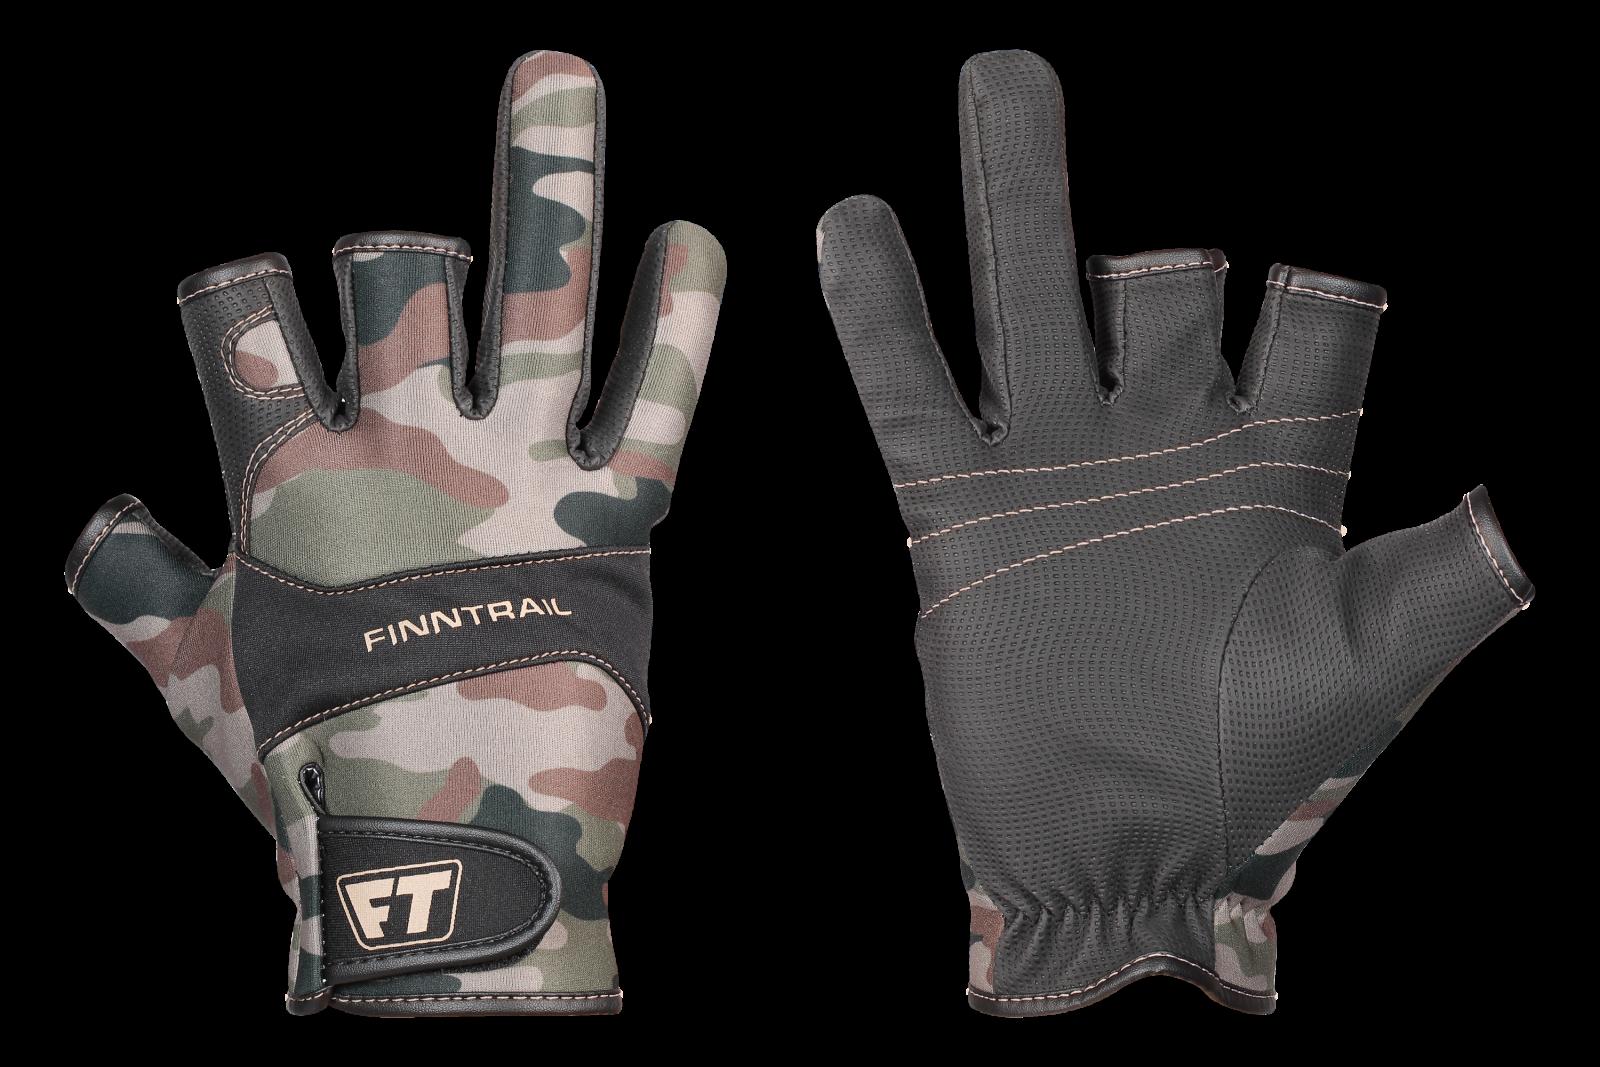 Finntrail Gloves Neosensor